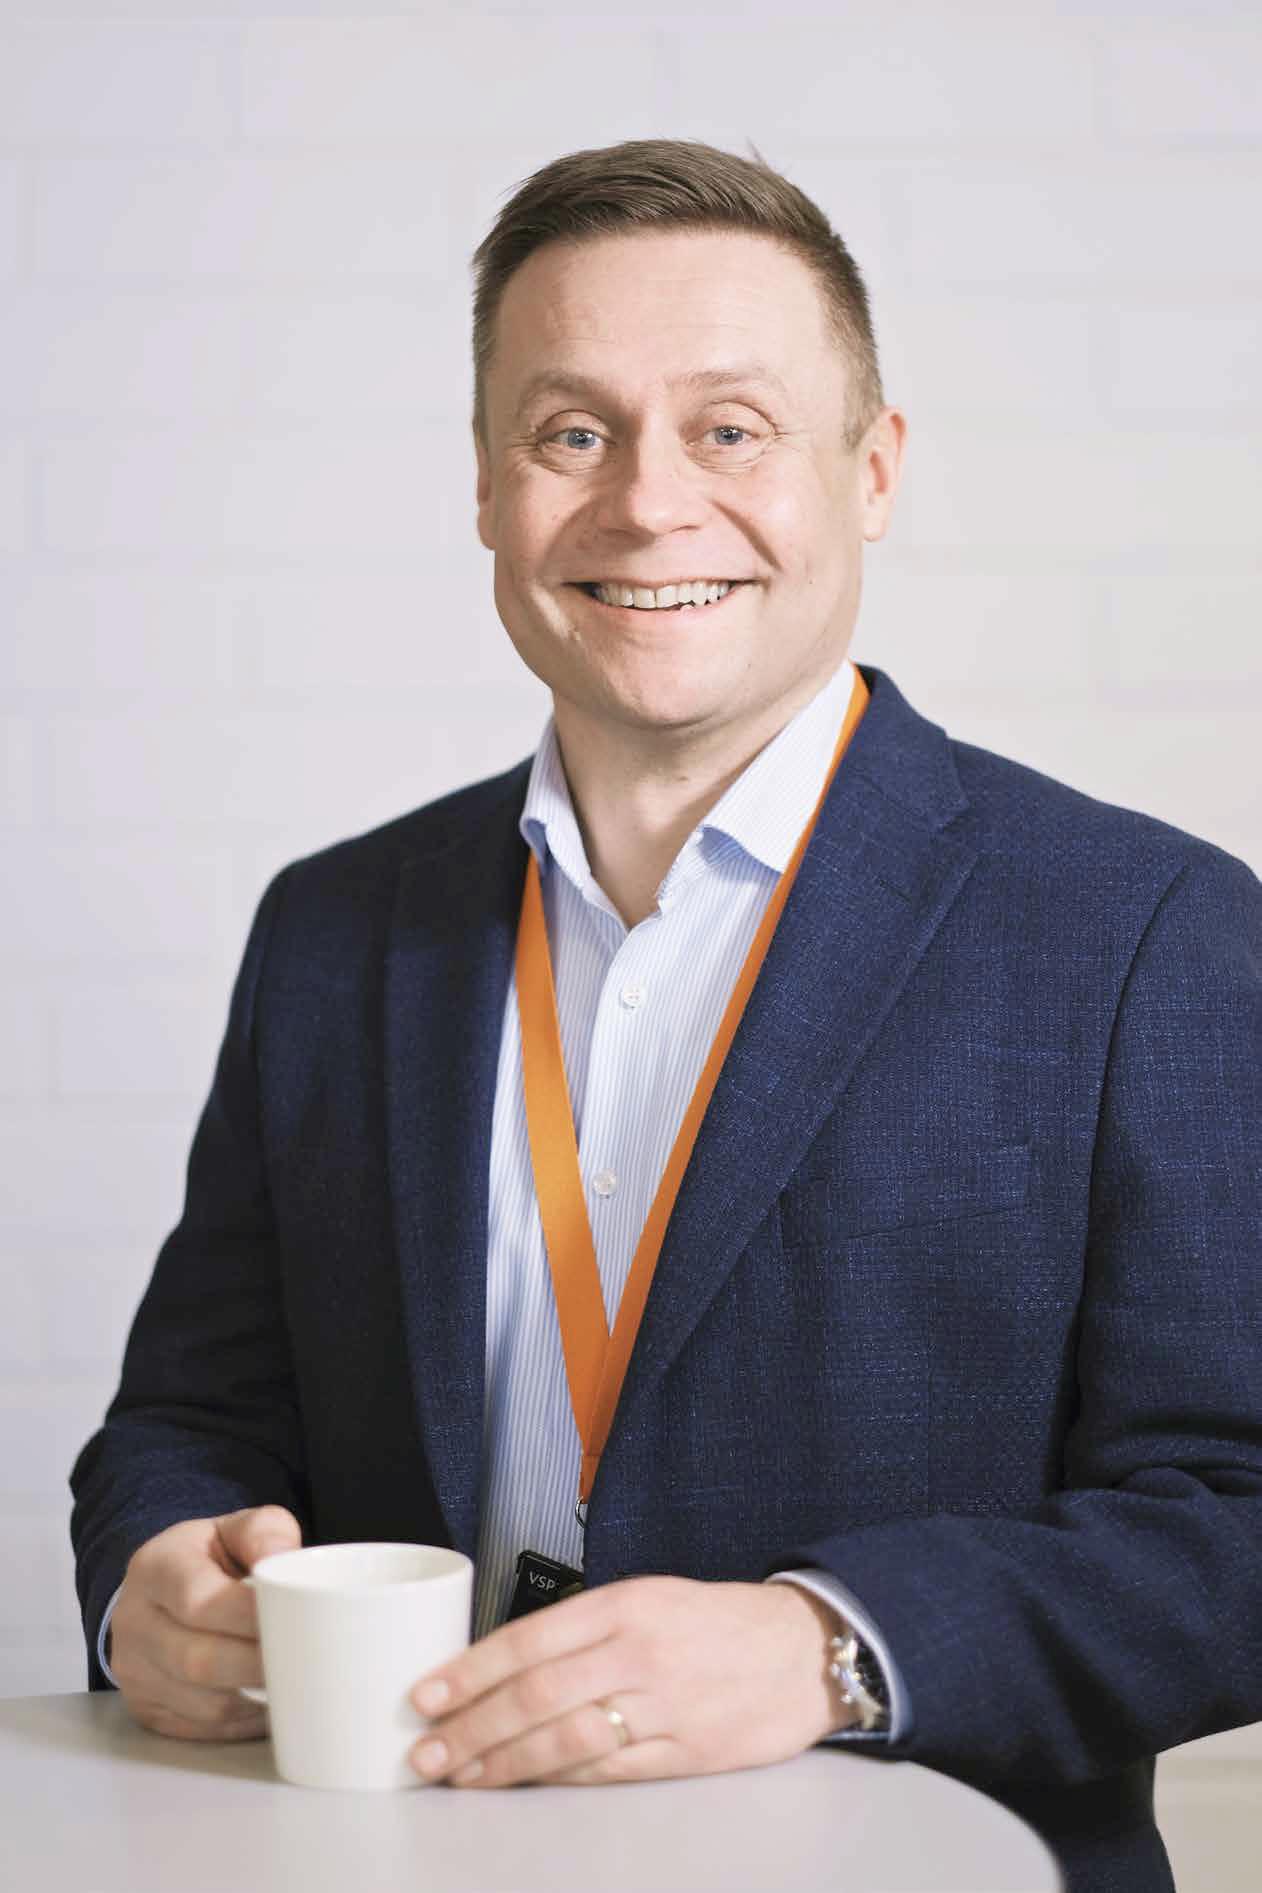 Vakka-Suomen Puhelimen toimitusjohtaja Matti Nurmi.